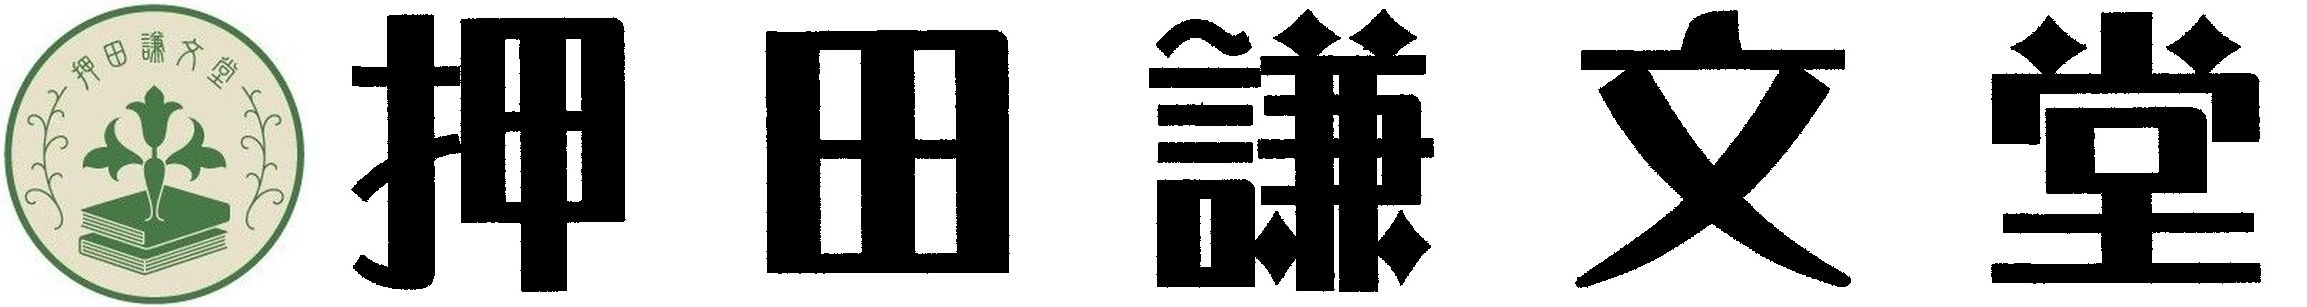 株式会社押田謙文堂